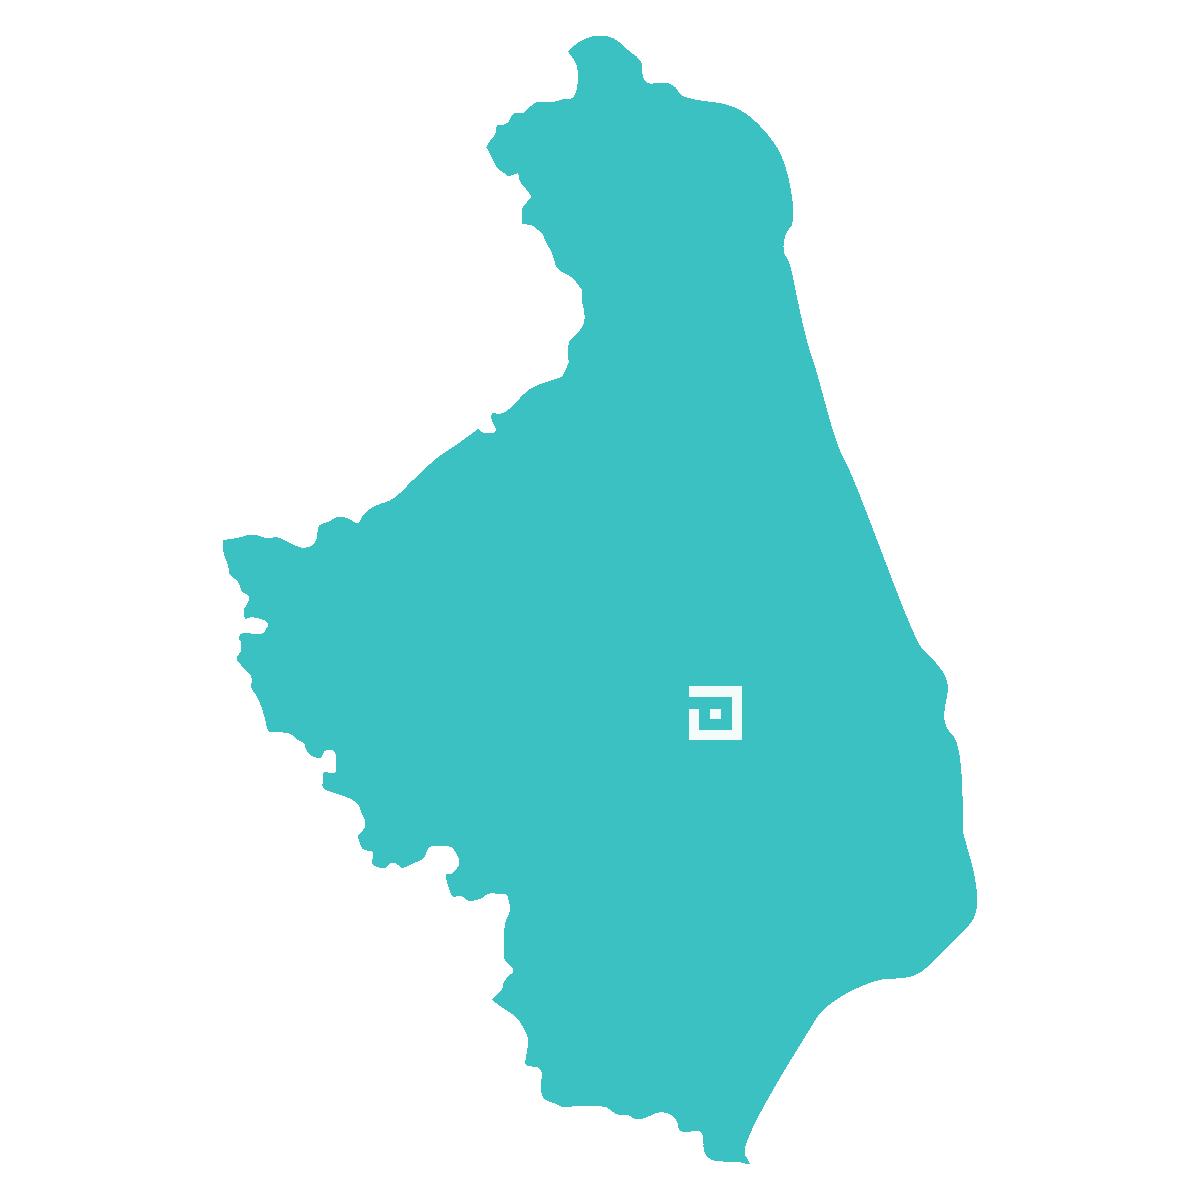 Pompy ciepła podlaskie - mapa